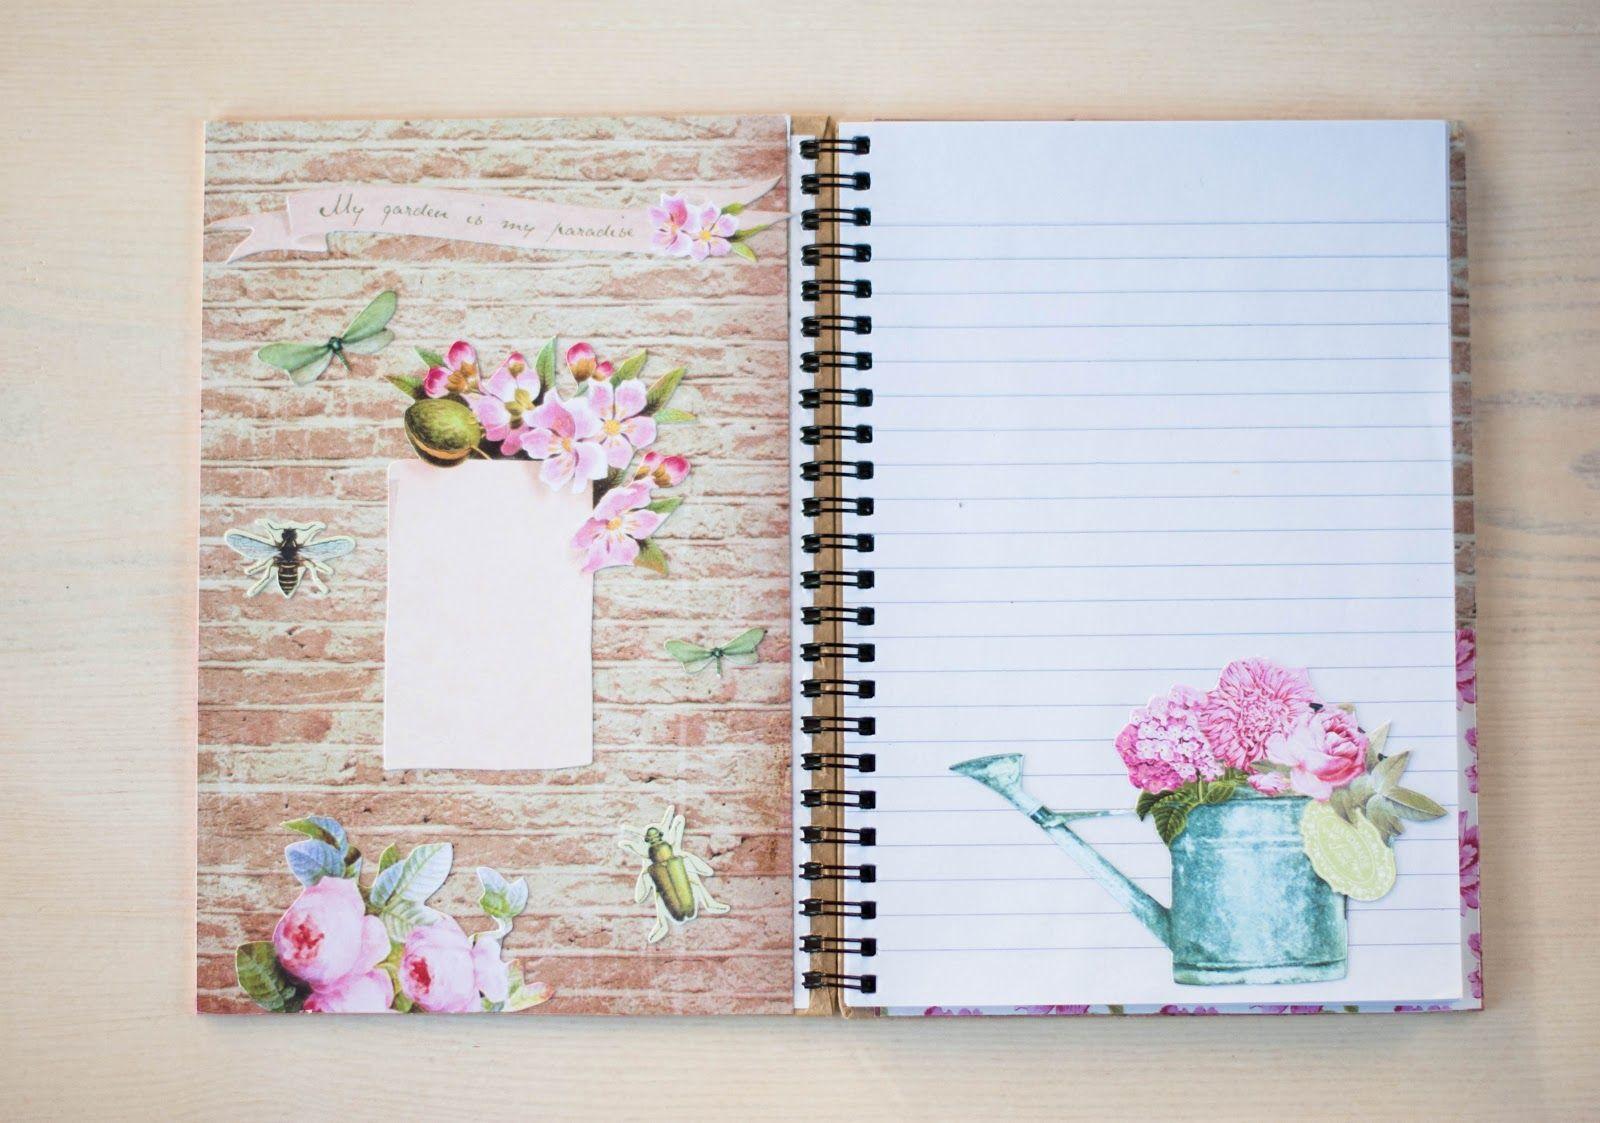 Como decorar una hoja de cuaderno imagui cuadernos - Como decorar cuadernos ...